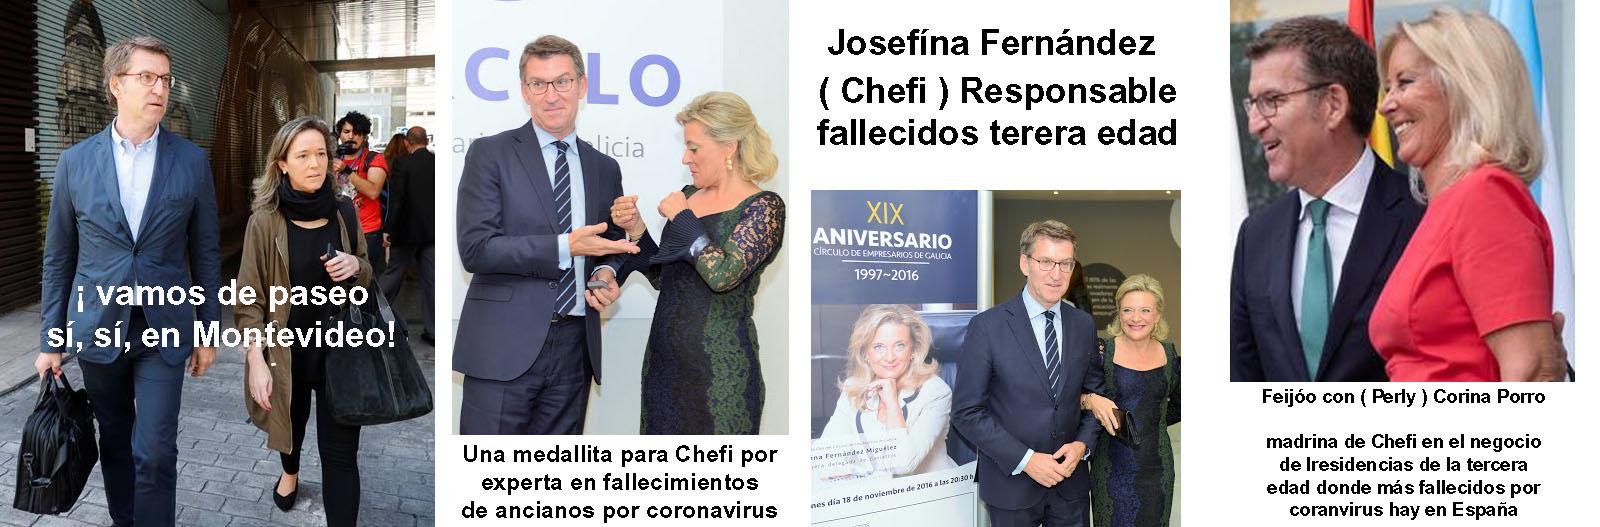 El dinero de la Xunta alimenta sociedades offshore a través de las  Residencias de Ancianos DomusVI cuya Consejera es Chefi - Xornal Galicia